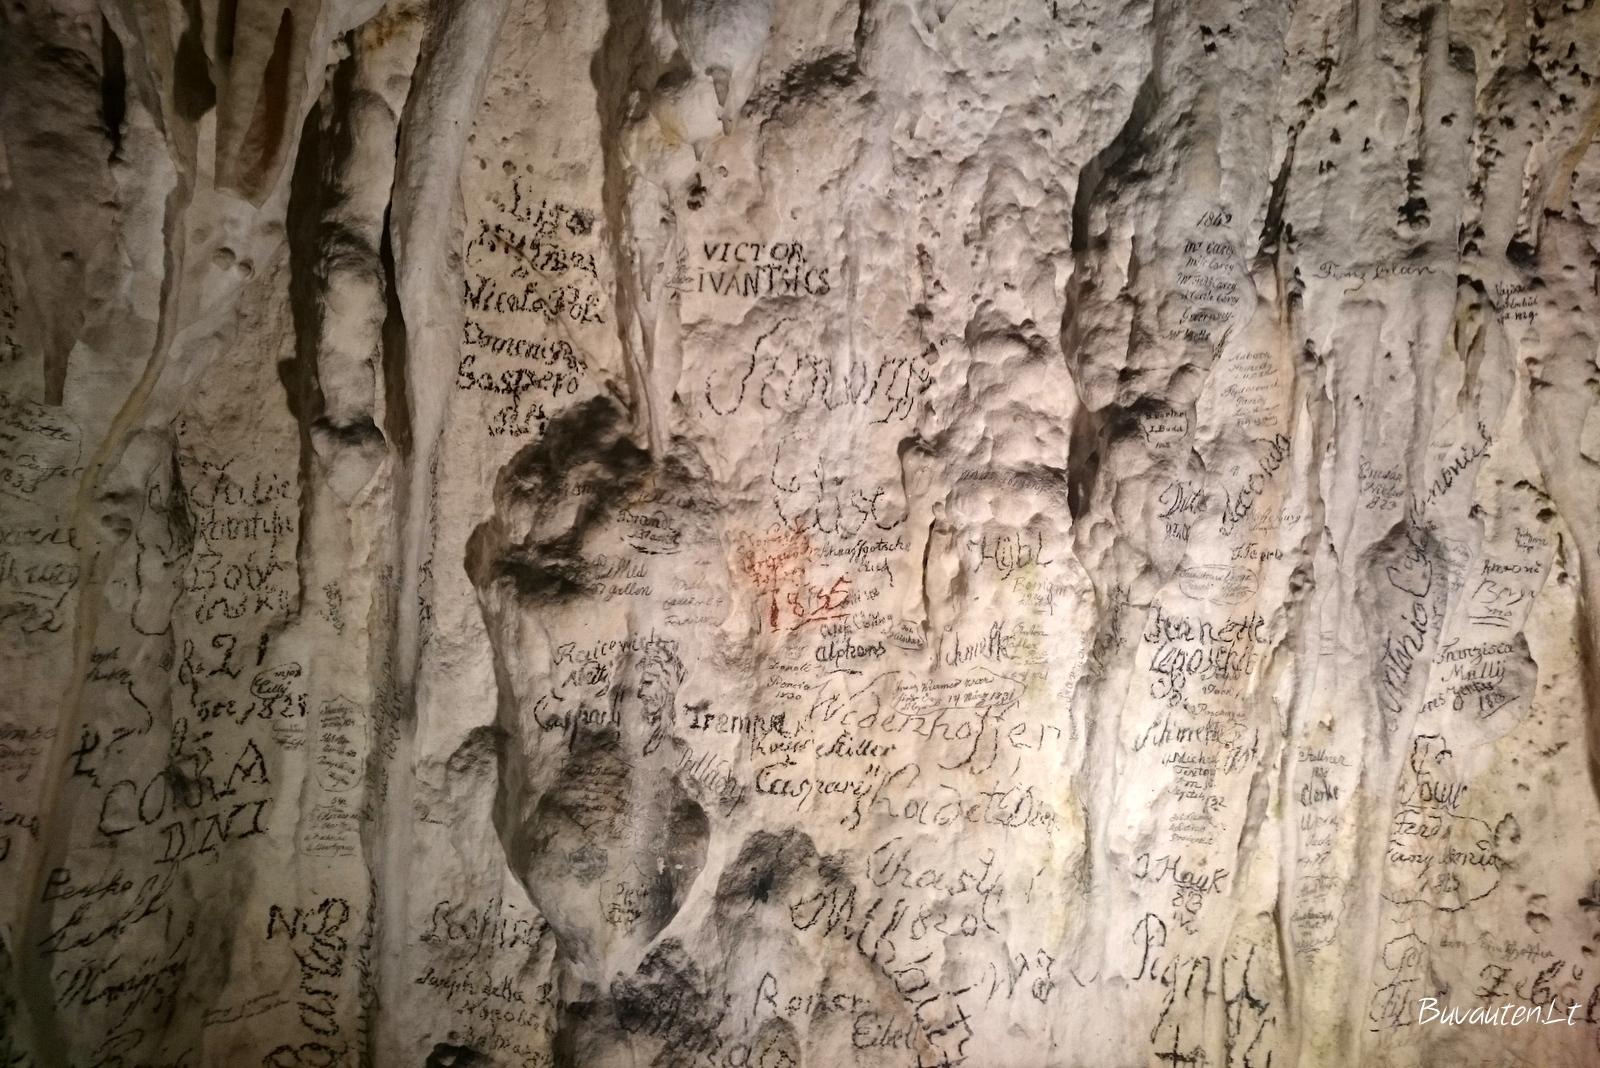 Daugiau kaip 100 metų senumo grafitti ant Vivariumo sienų